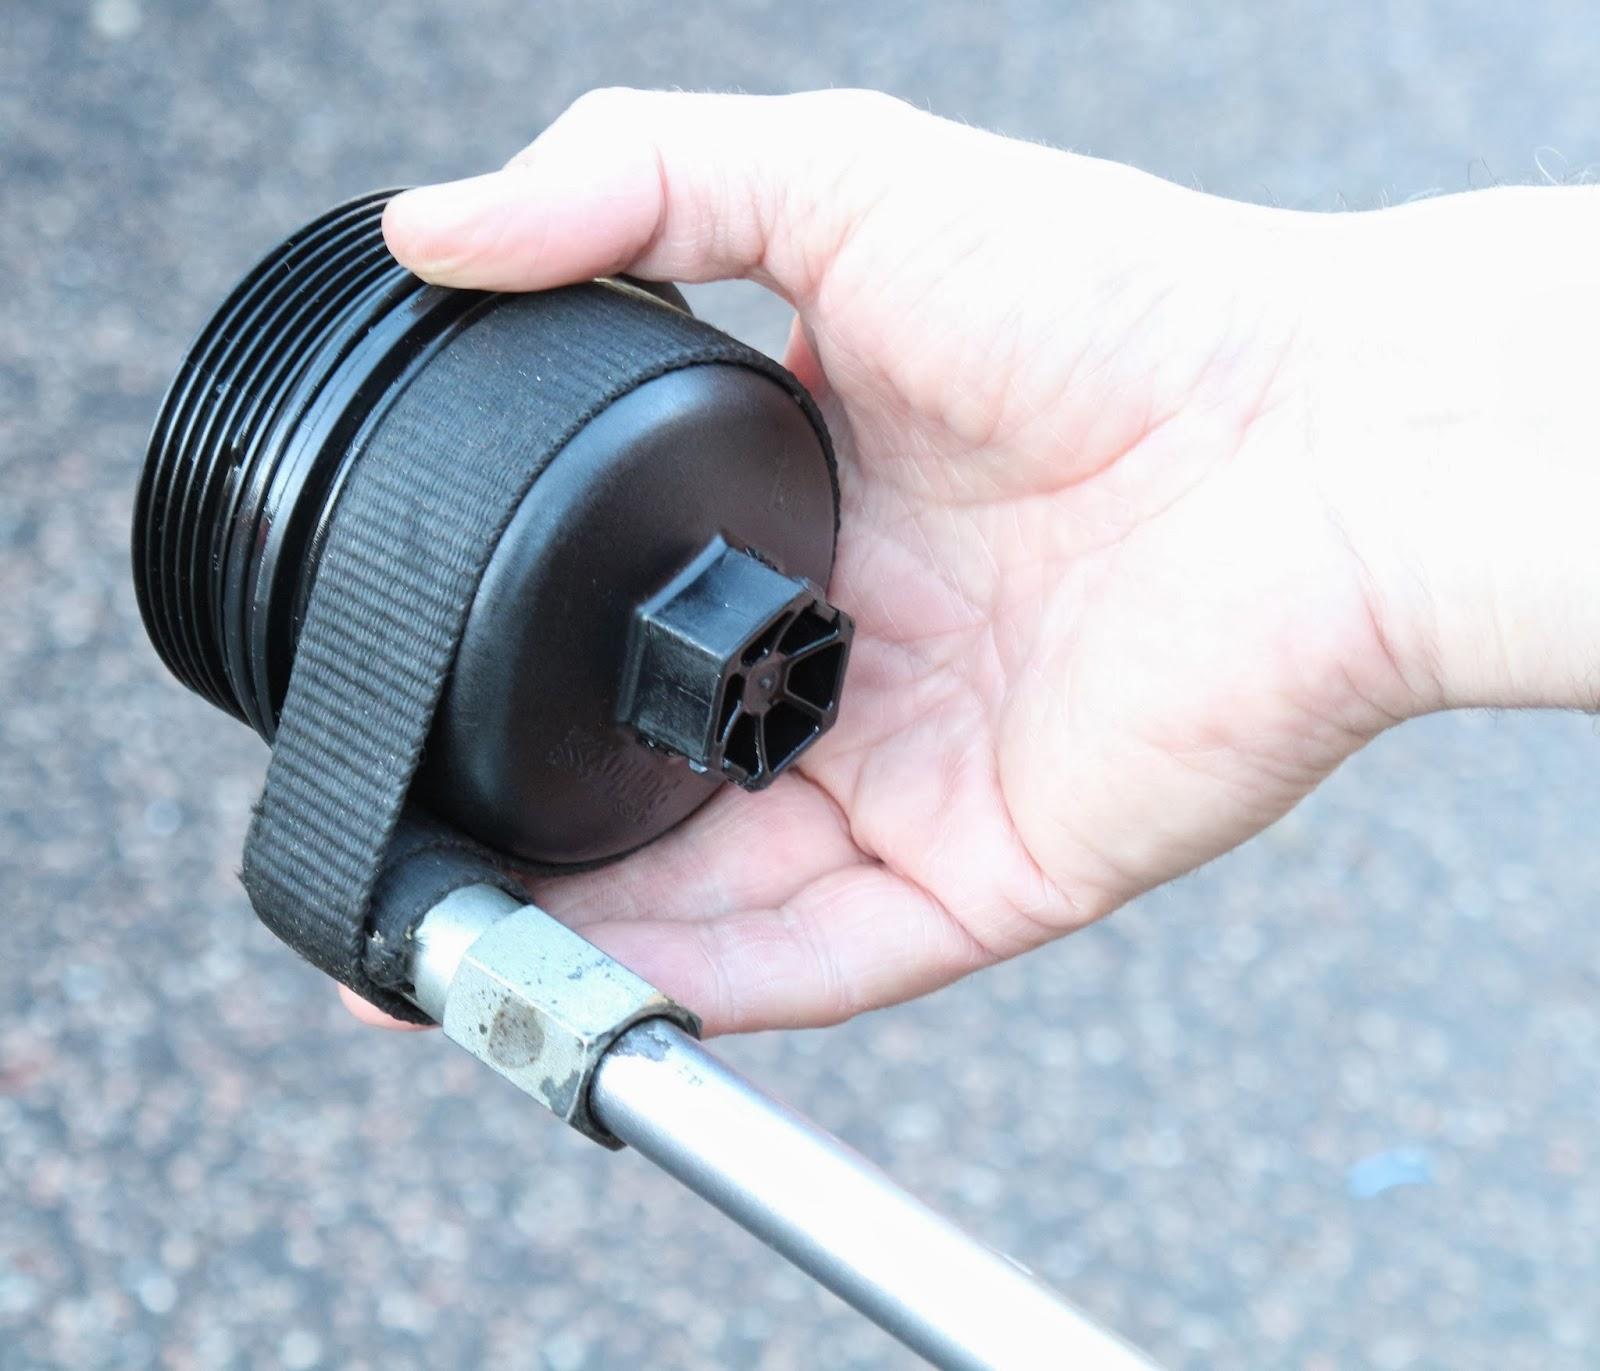 Motoring Stories Engine Oil Change on a 2008 Defender